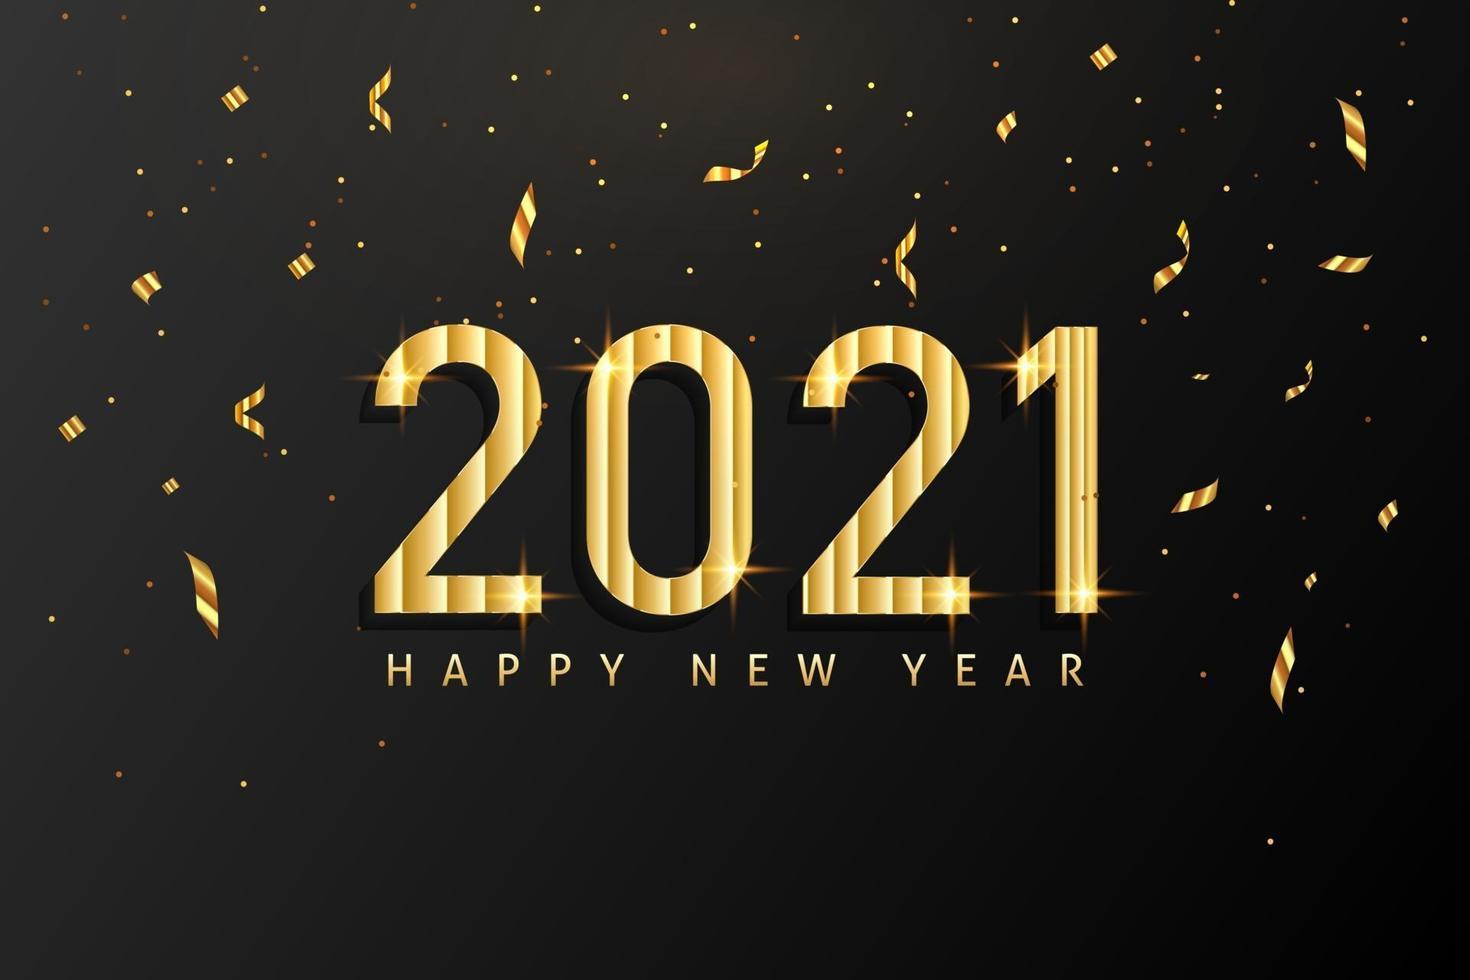 conception de fond réaliste bonne année 2021 pour cartes de voeux, affiche, bannière, illustration vectorielle. vecteur